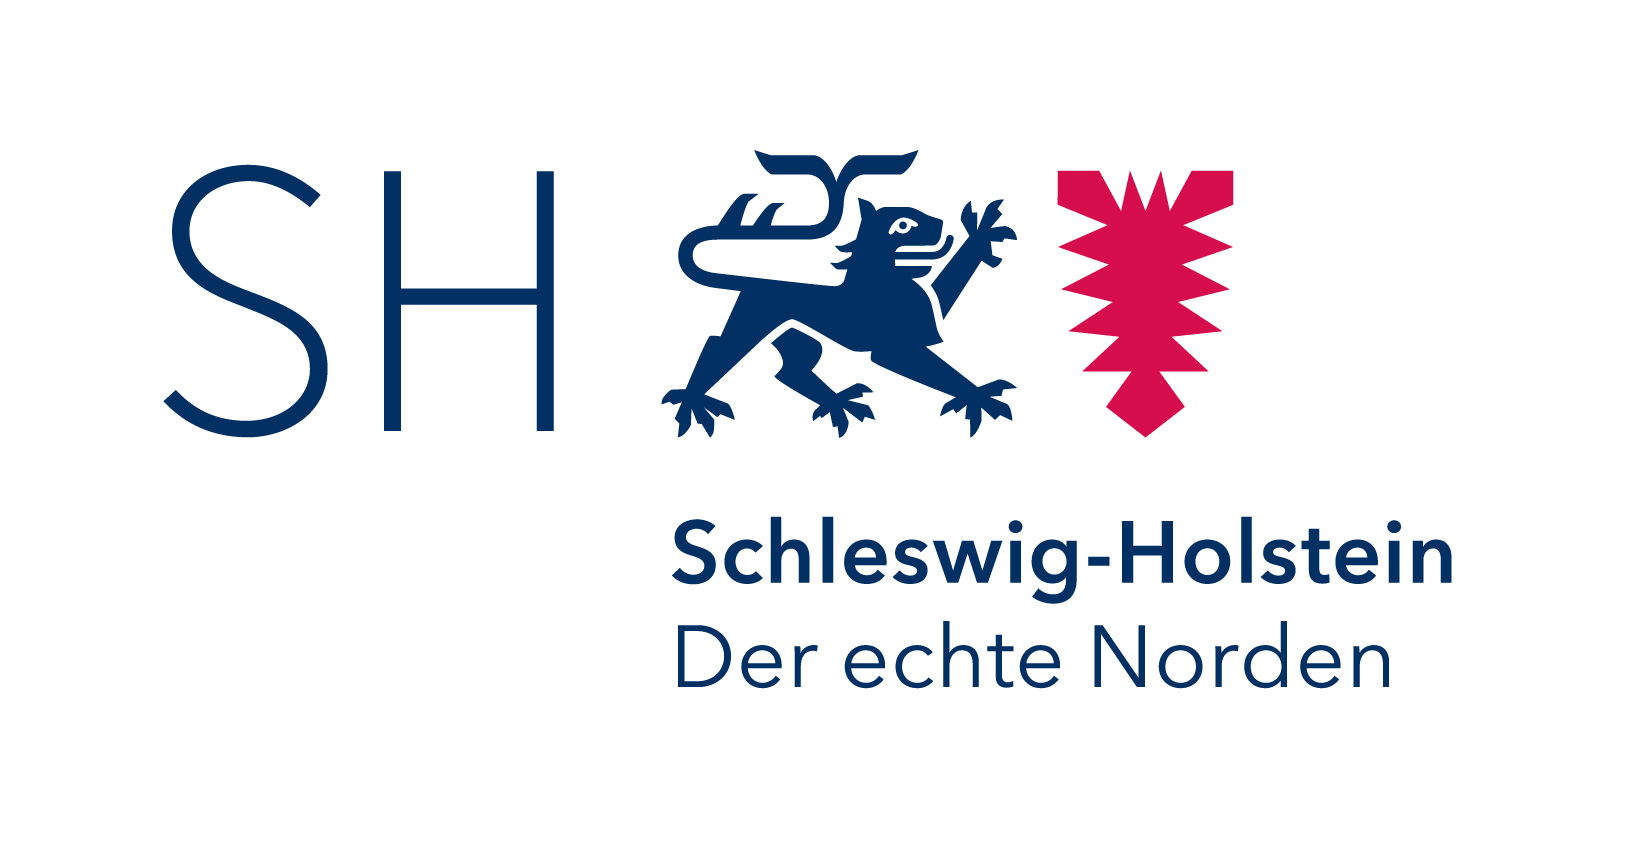 Land Schlesig-Holstein